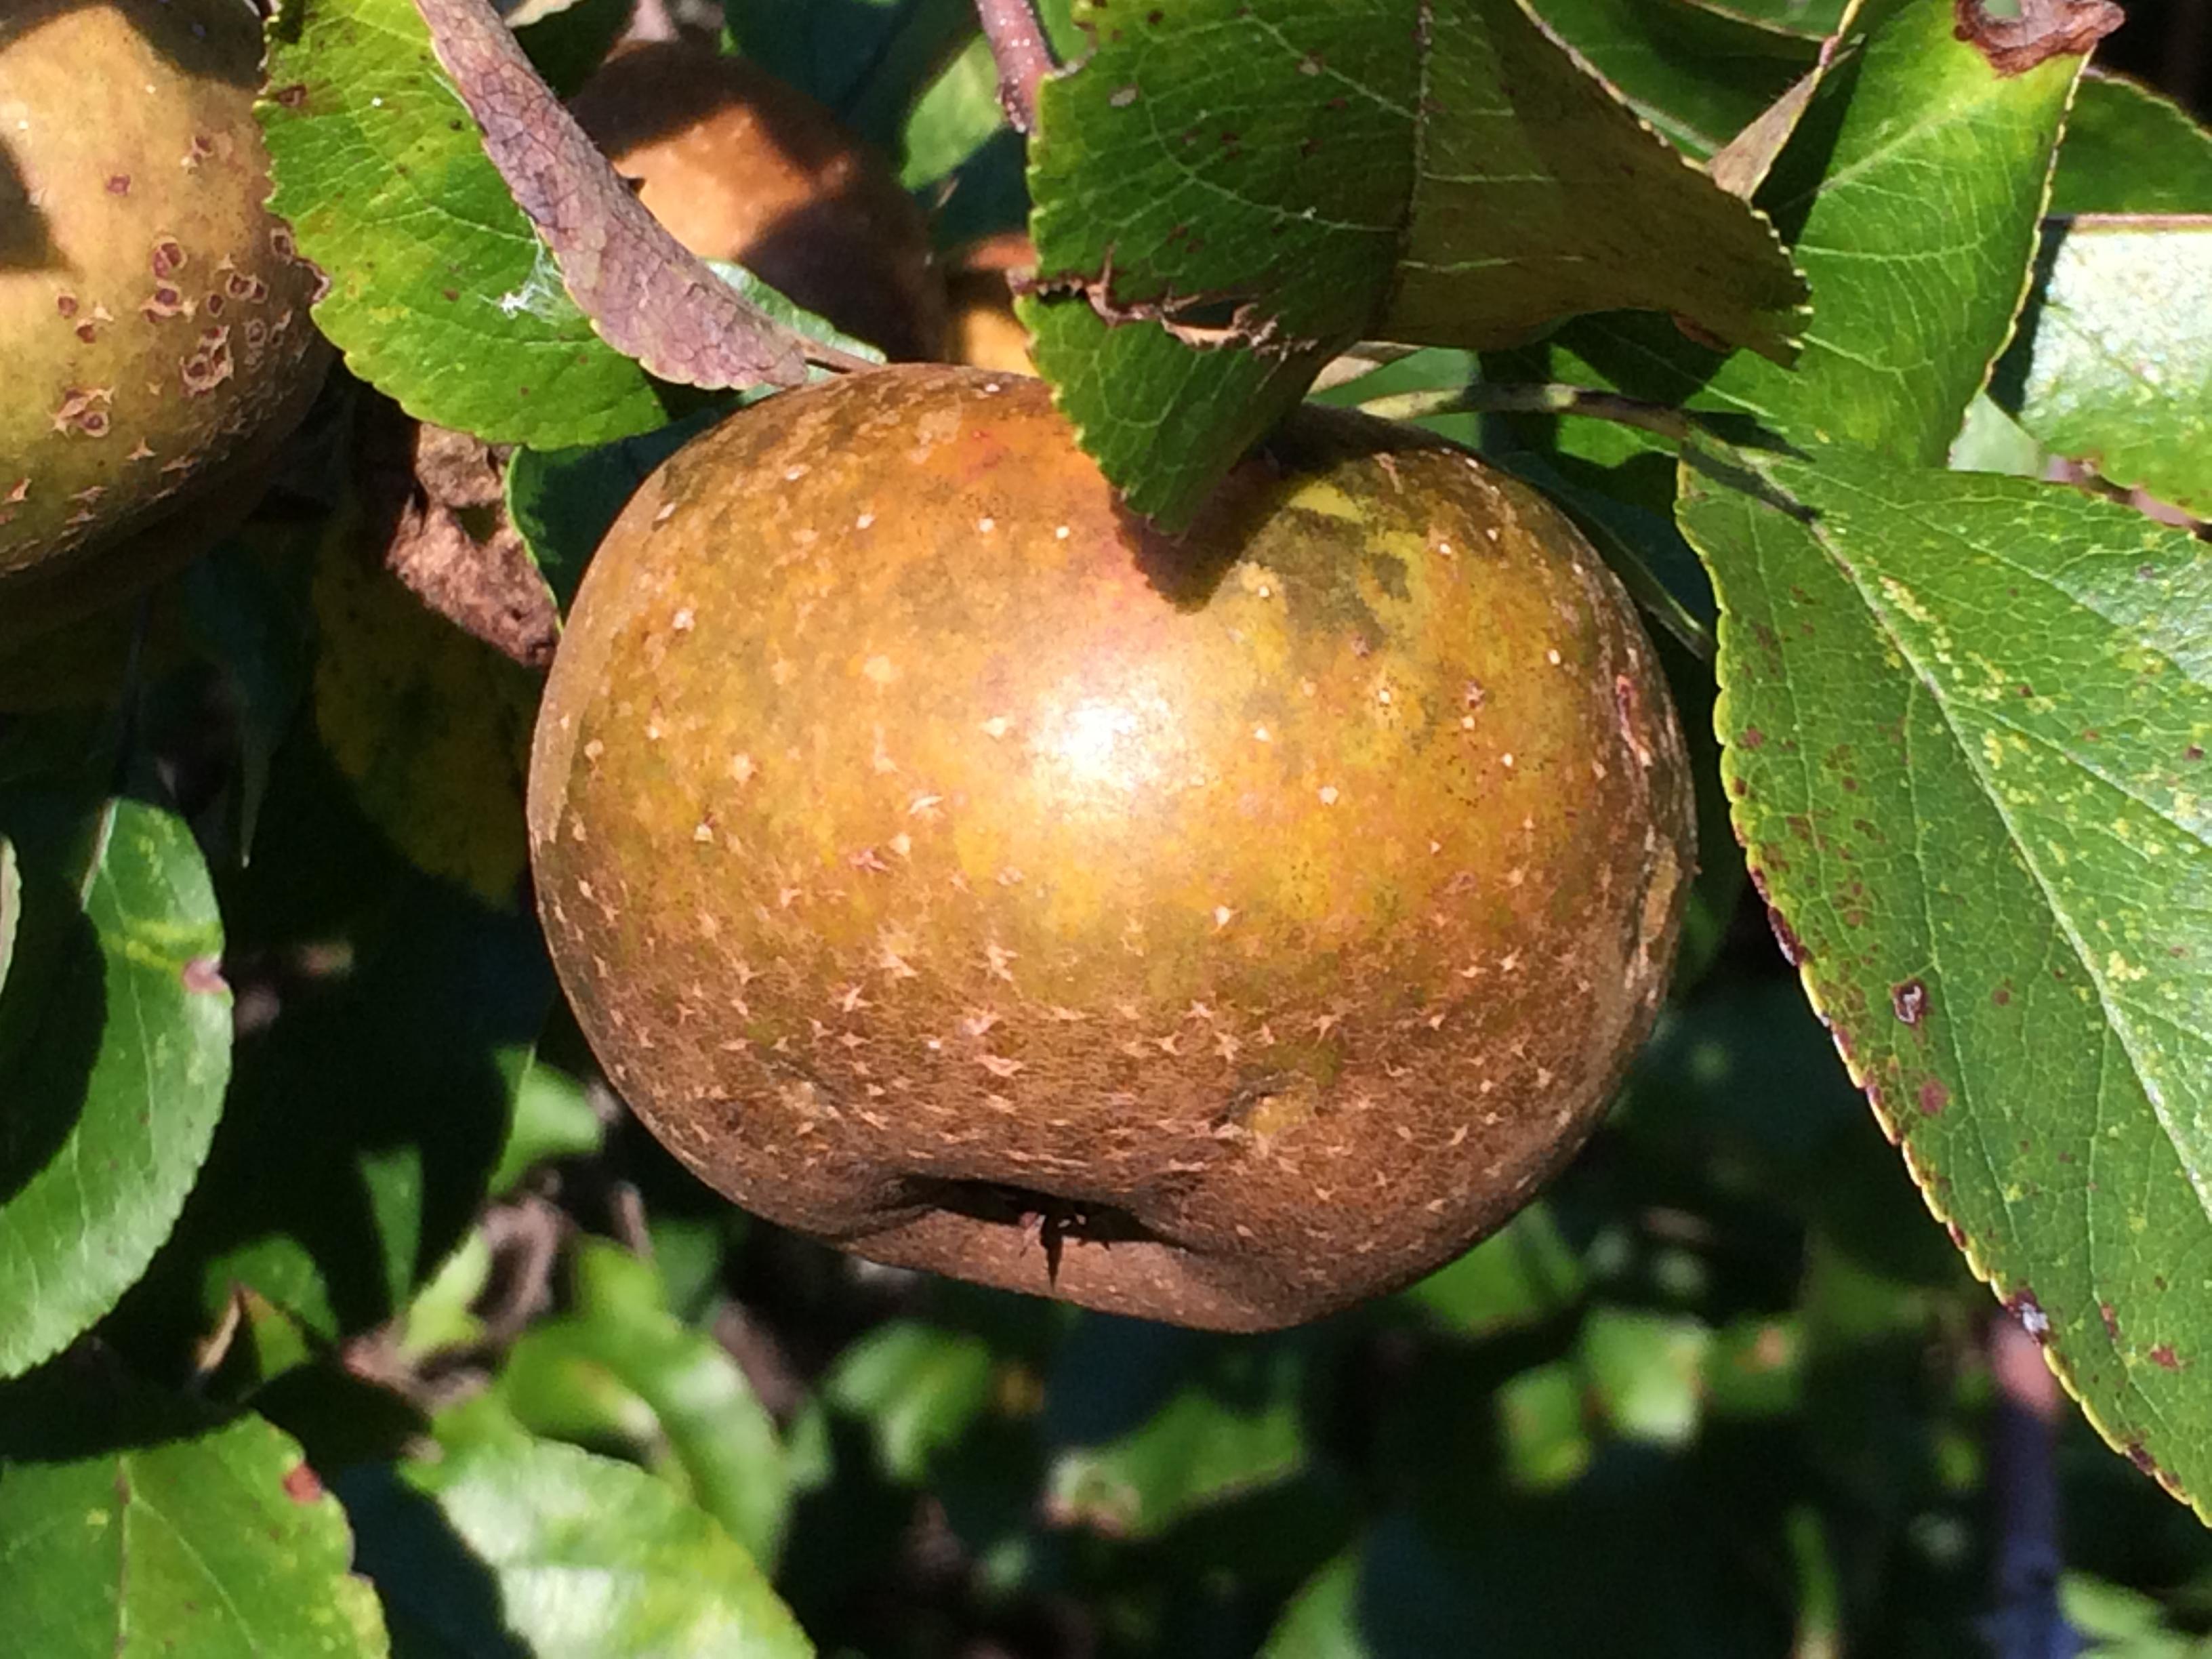 Wild apple (Enfield, Ithaca, NY).